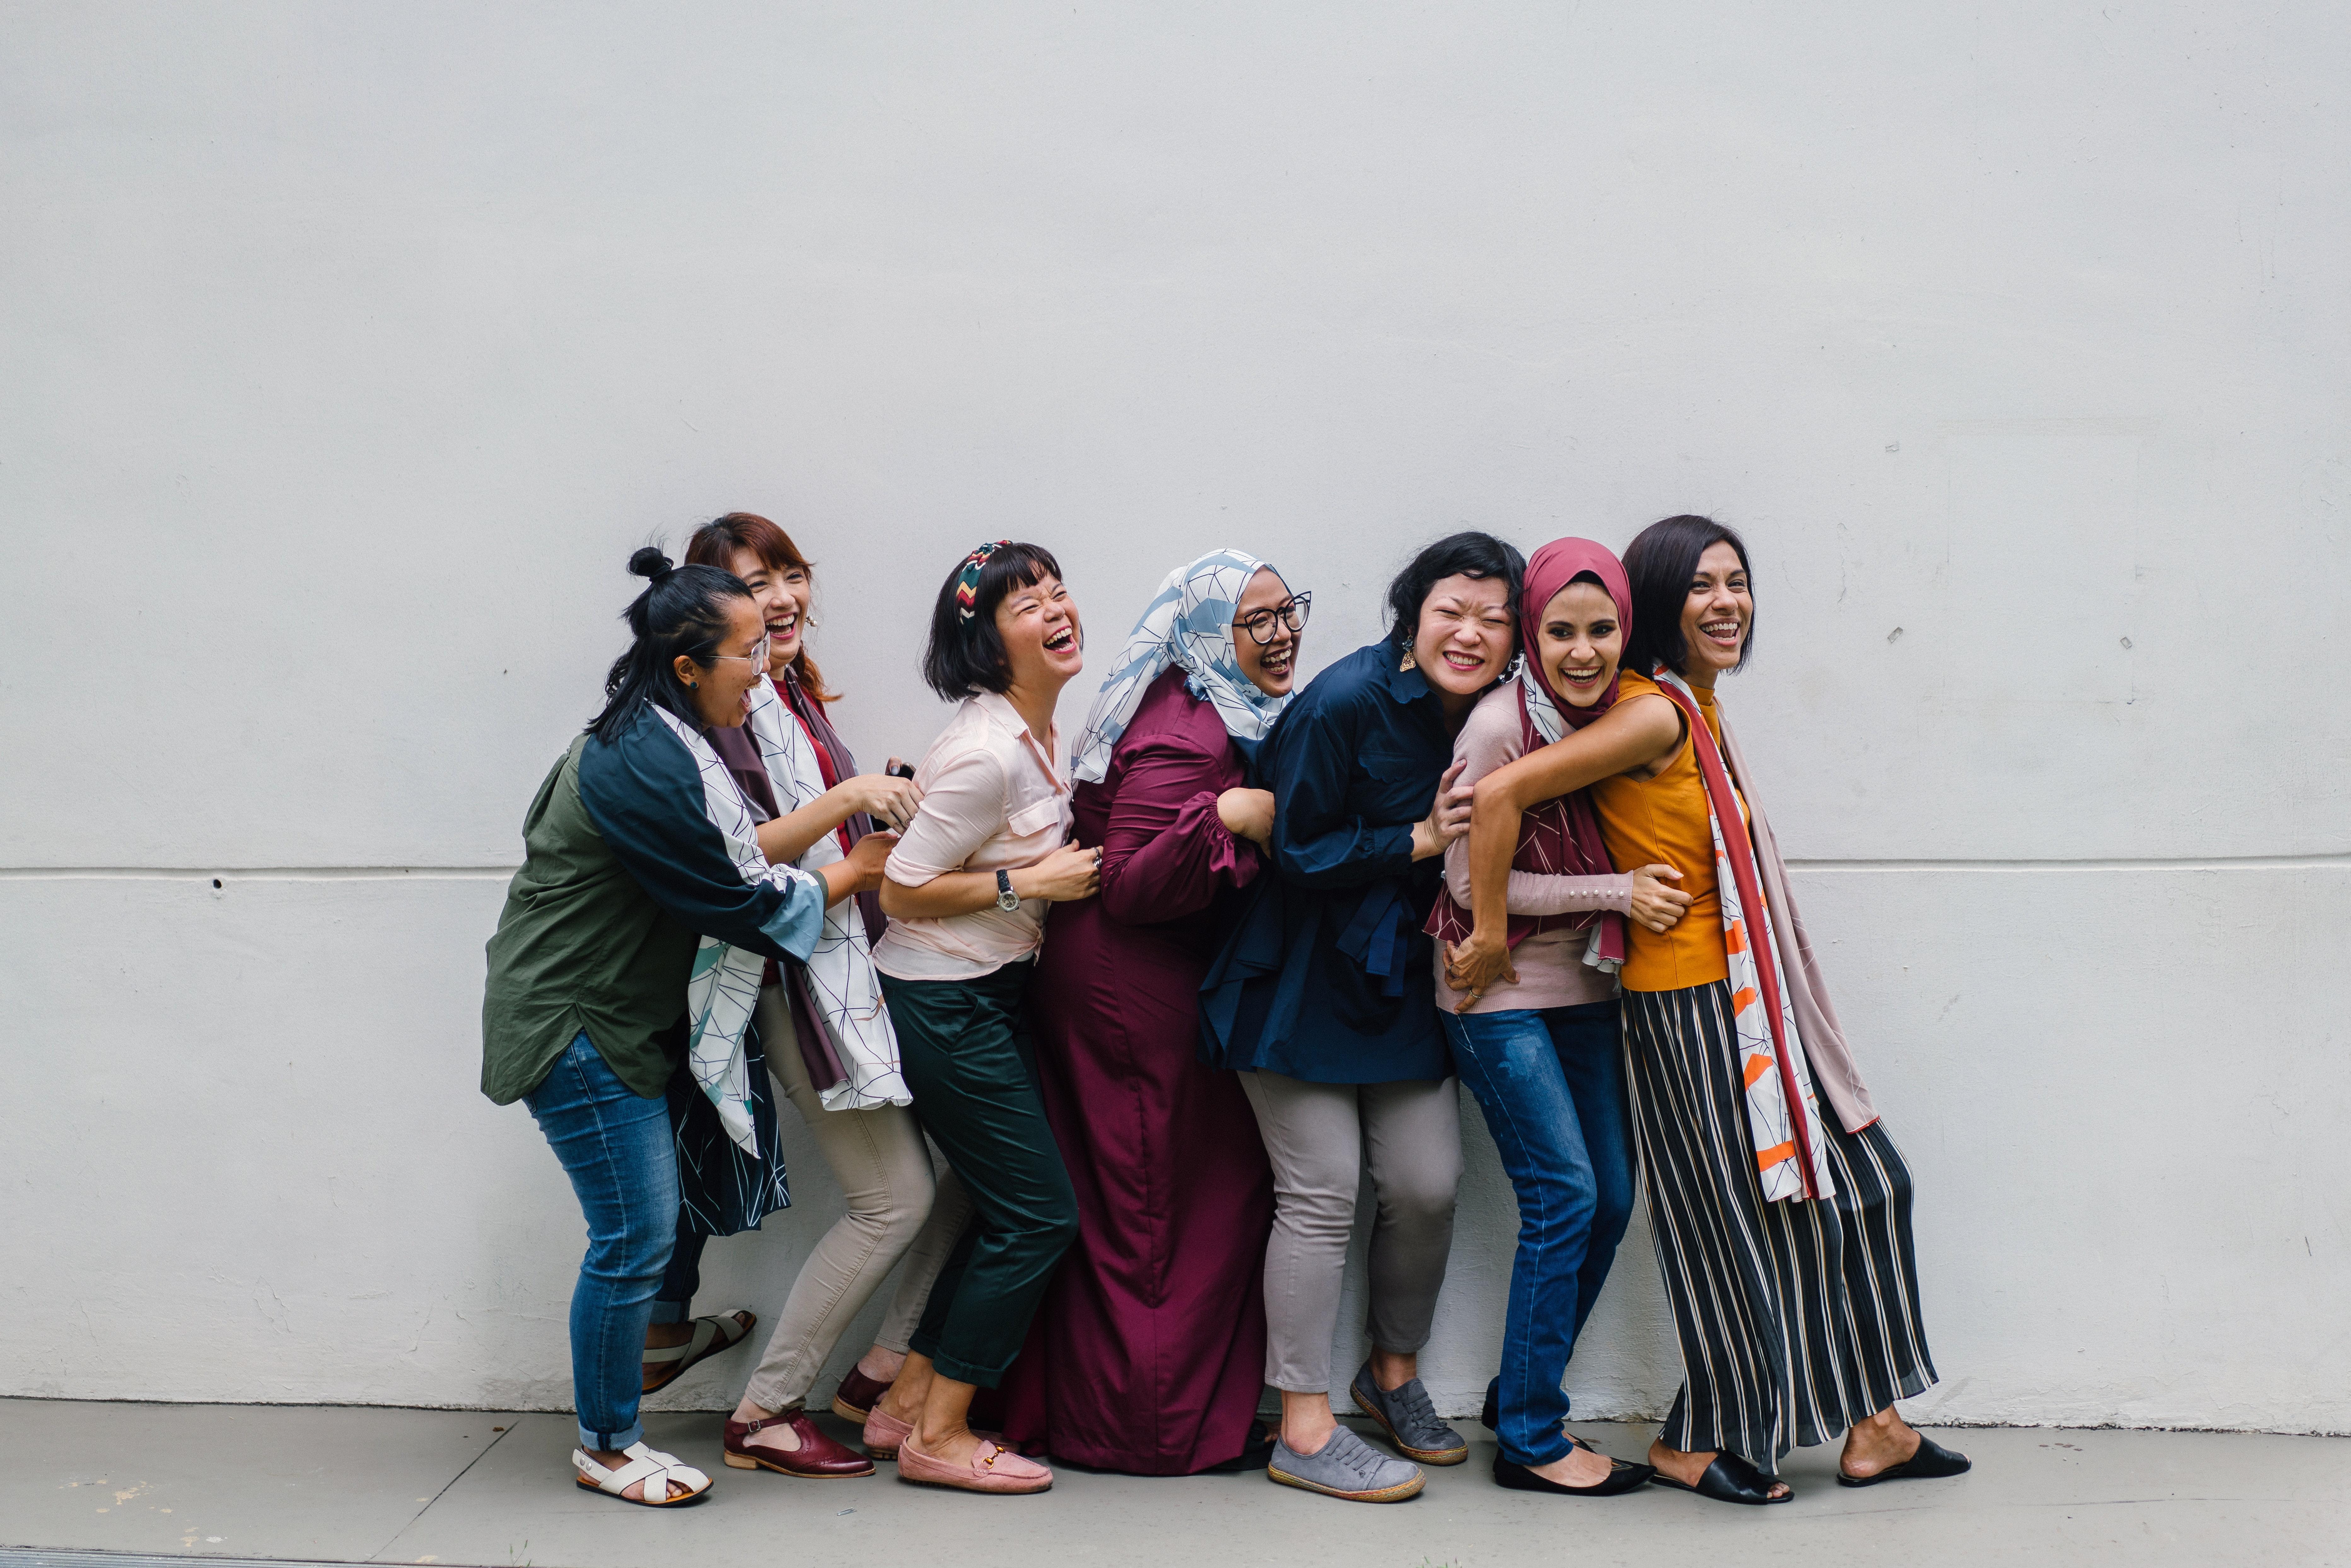 8 mars 2017, Femmes dans un monde du travail en mutation – vers un monde 50/50 en 2030